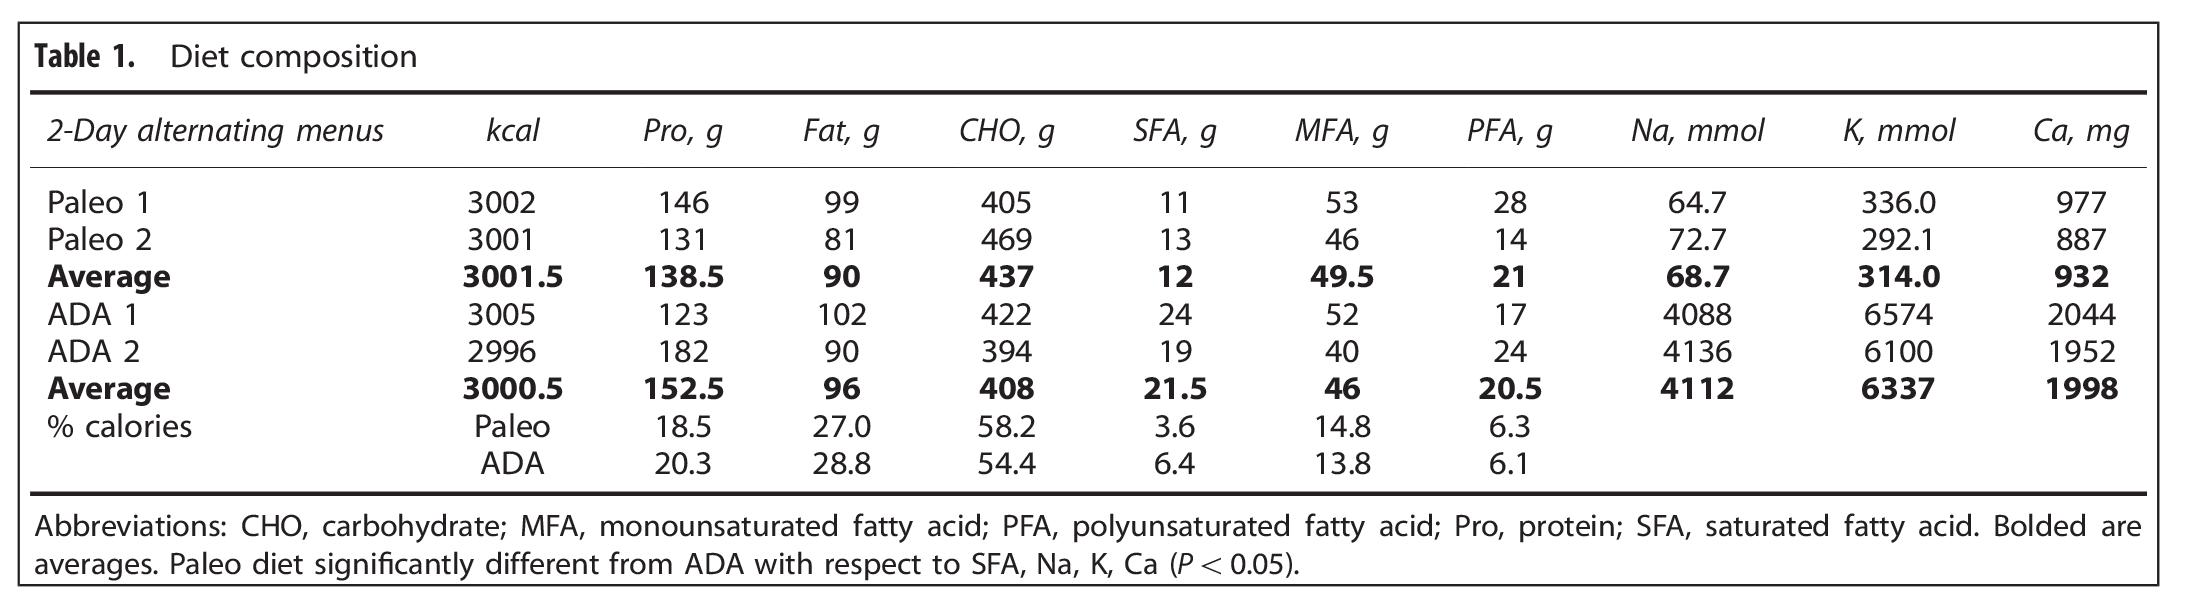 Paleo Diet Composition vs Standard Diet